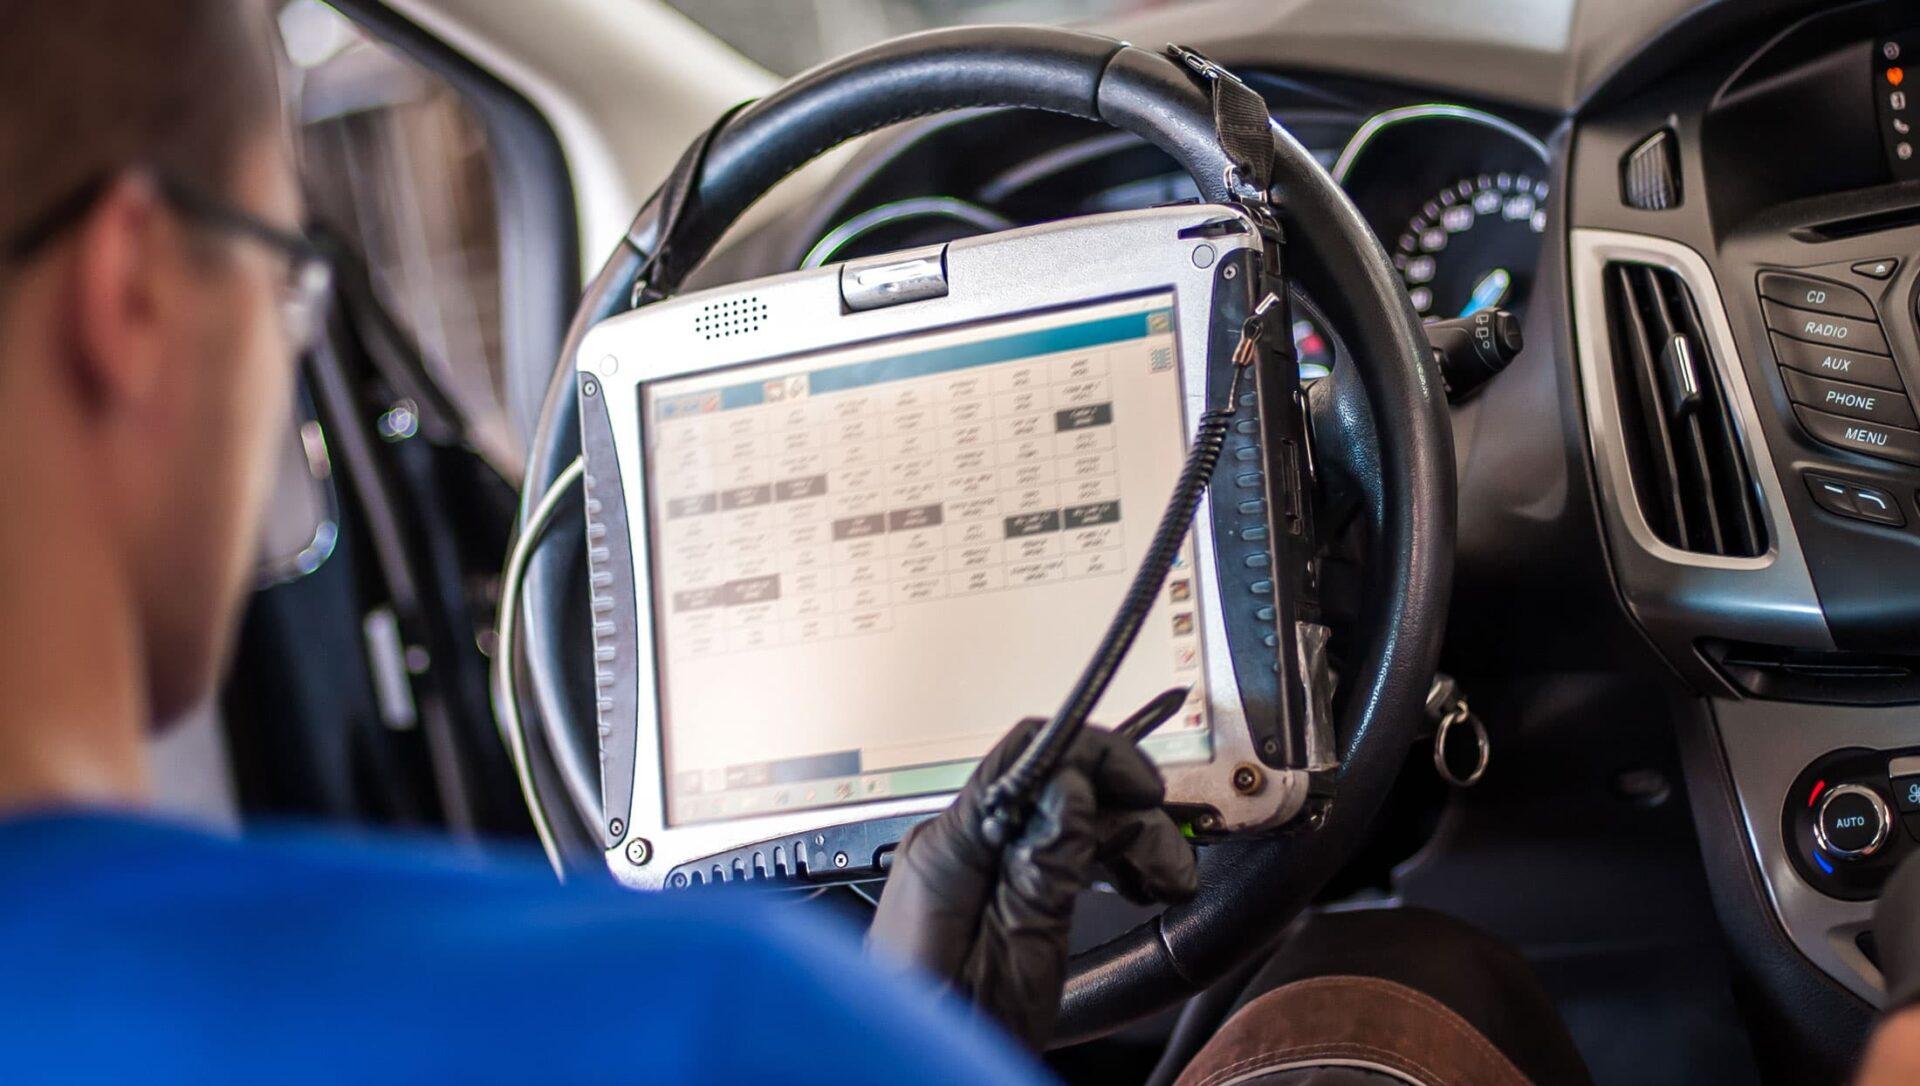 car diagnostic test